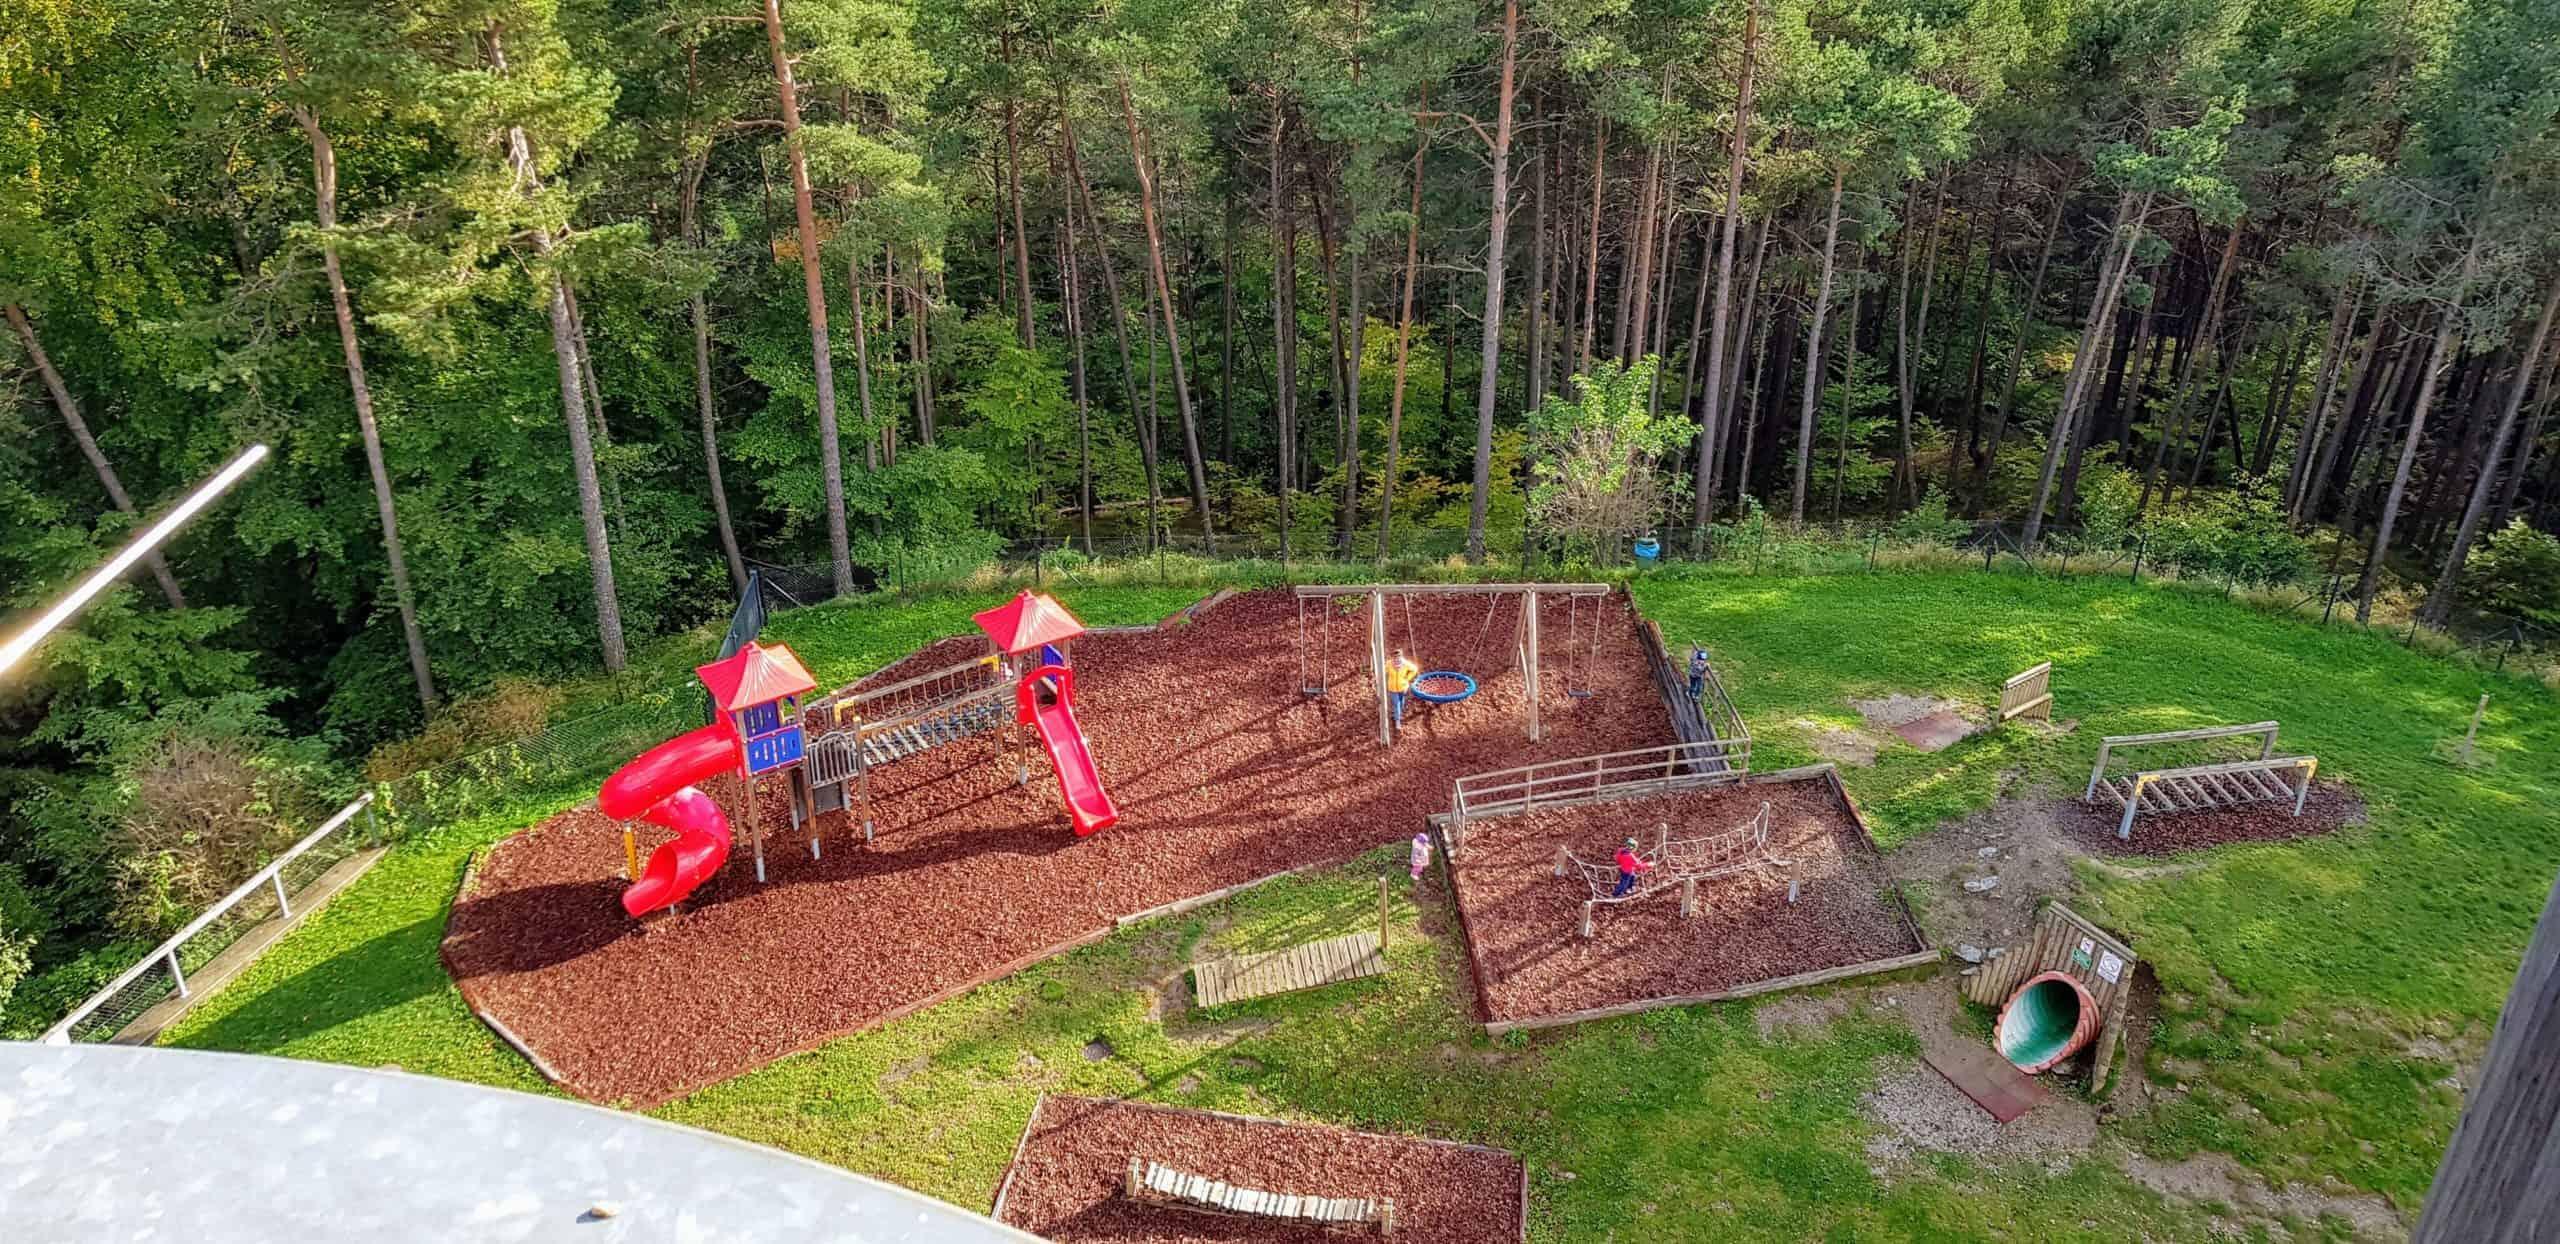 Kinderspielplatz Pyramidenkogel am Wörthersee - Familientipp Kärnten